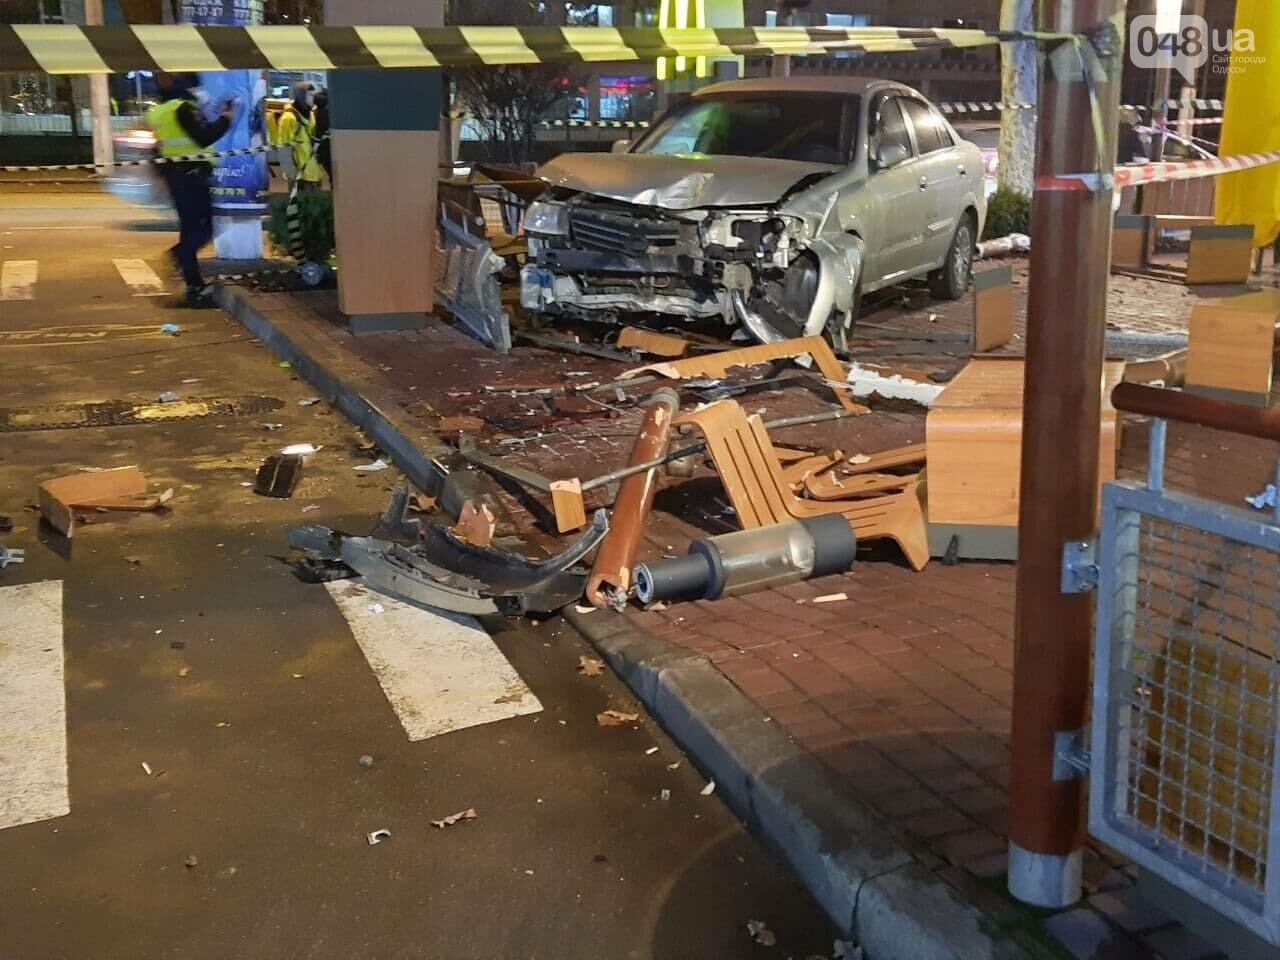 Стало плохо за рулём: в полиции прокомментировали резонансное ДТП в Одессе, - ФОТО, ВИДЕО, фото-7